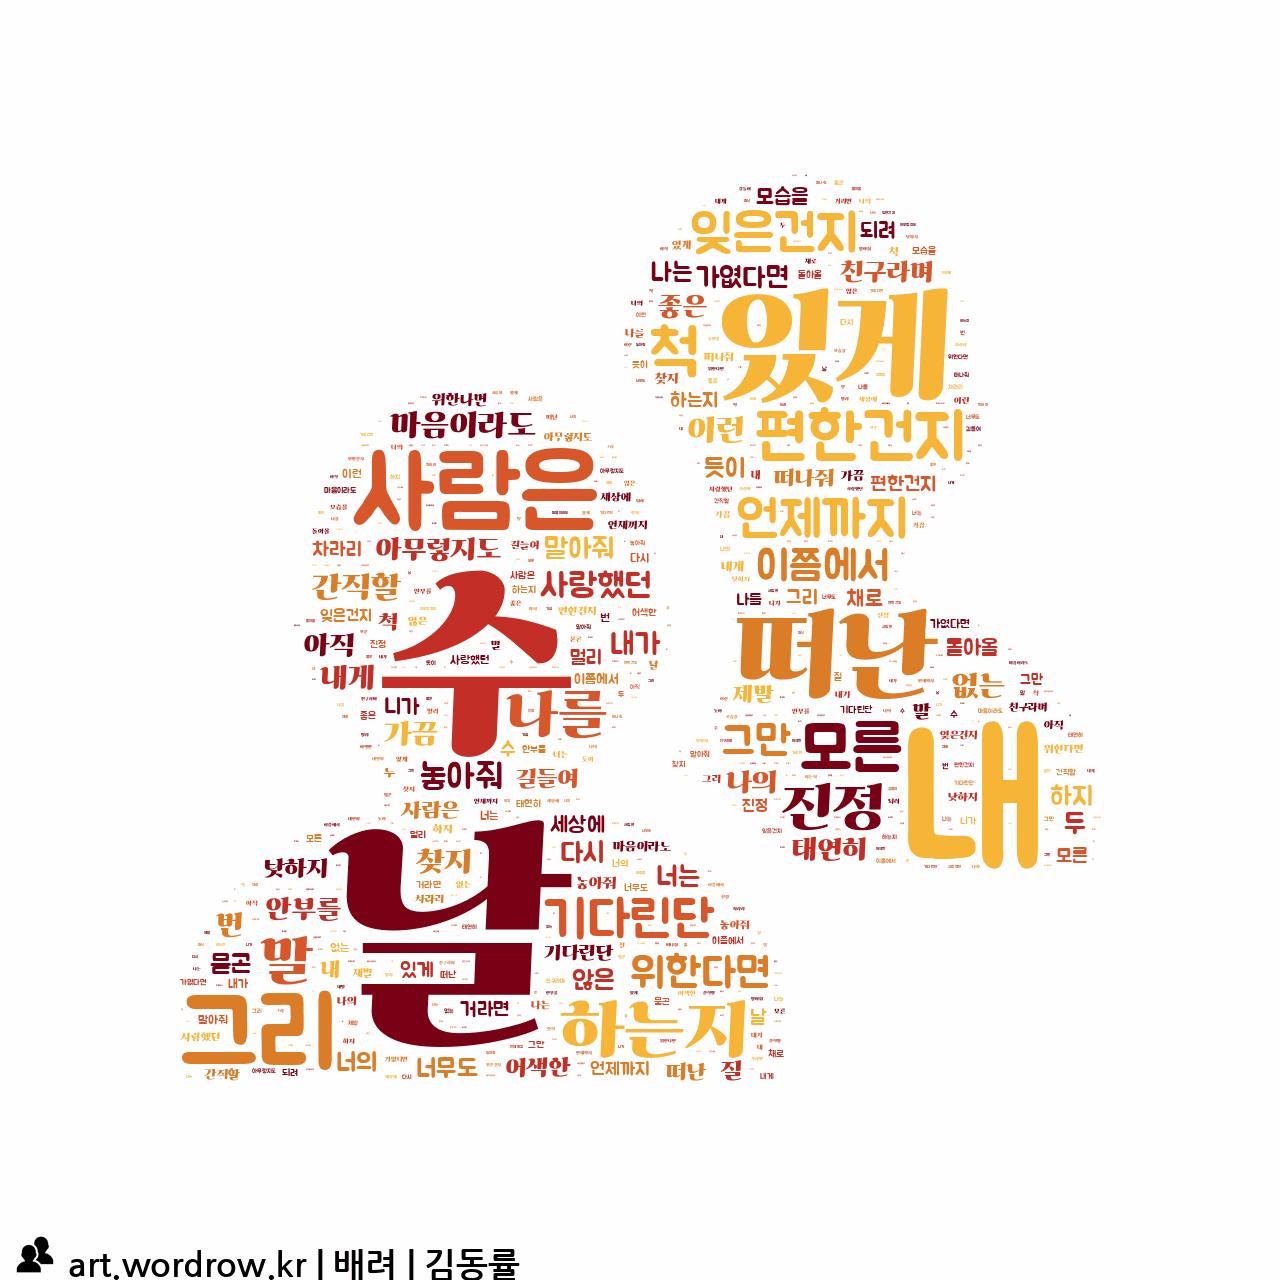 워드 클라우드: 배려 [김동률]-67